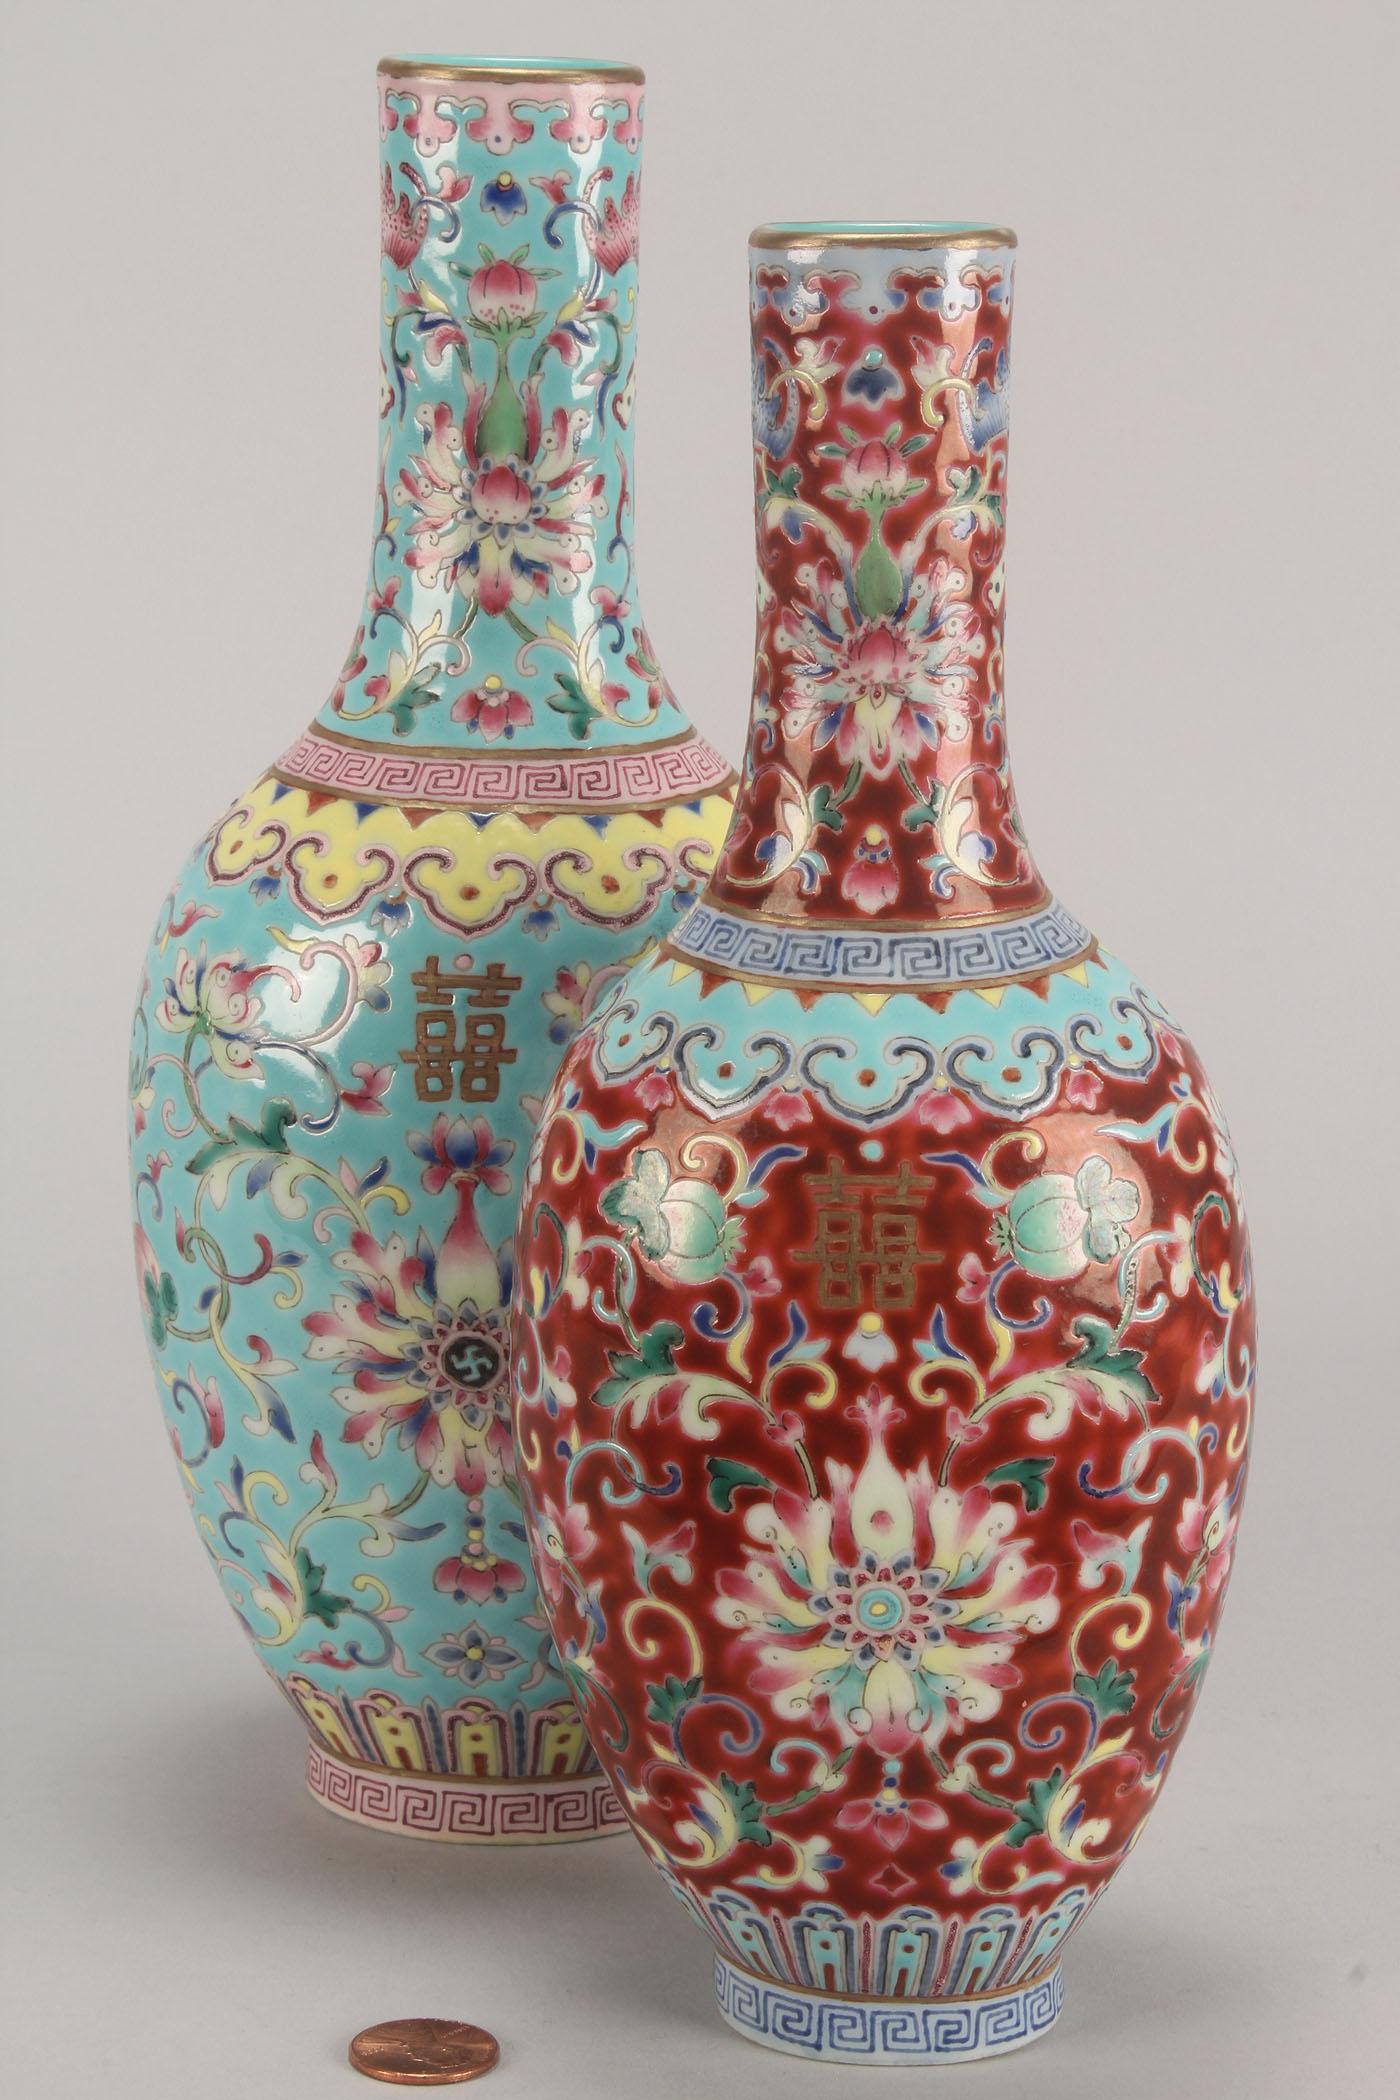 Lot 24 Chinese Famille Rose Porcelain Quot Double Quot Vase